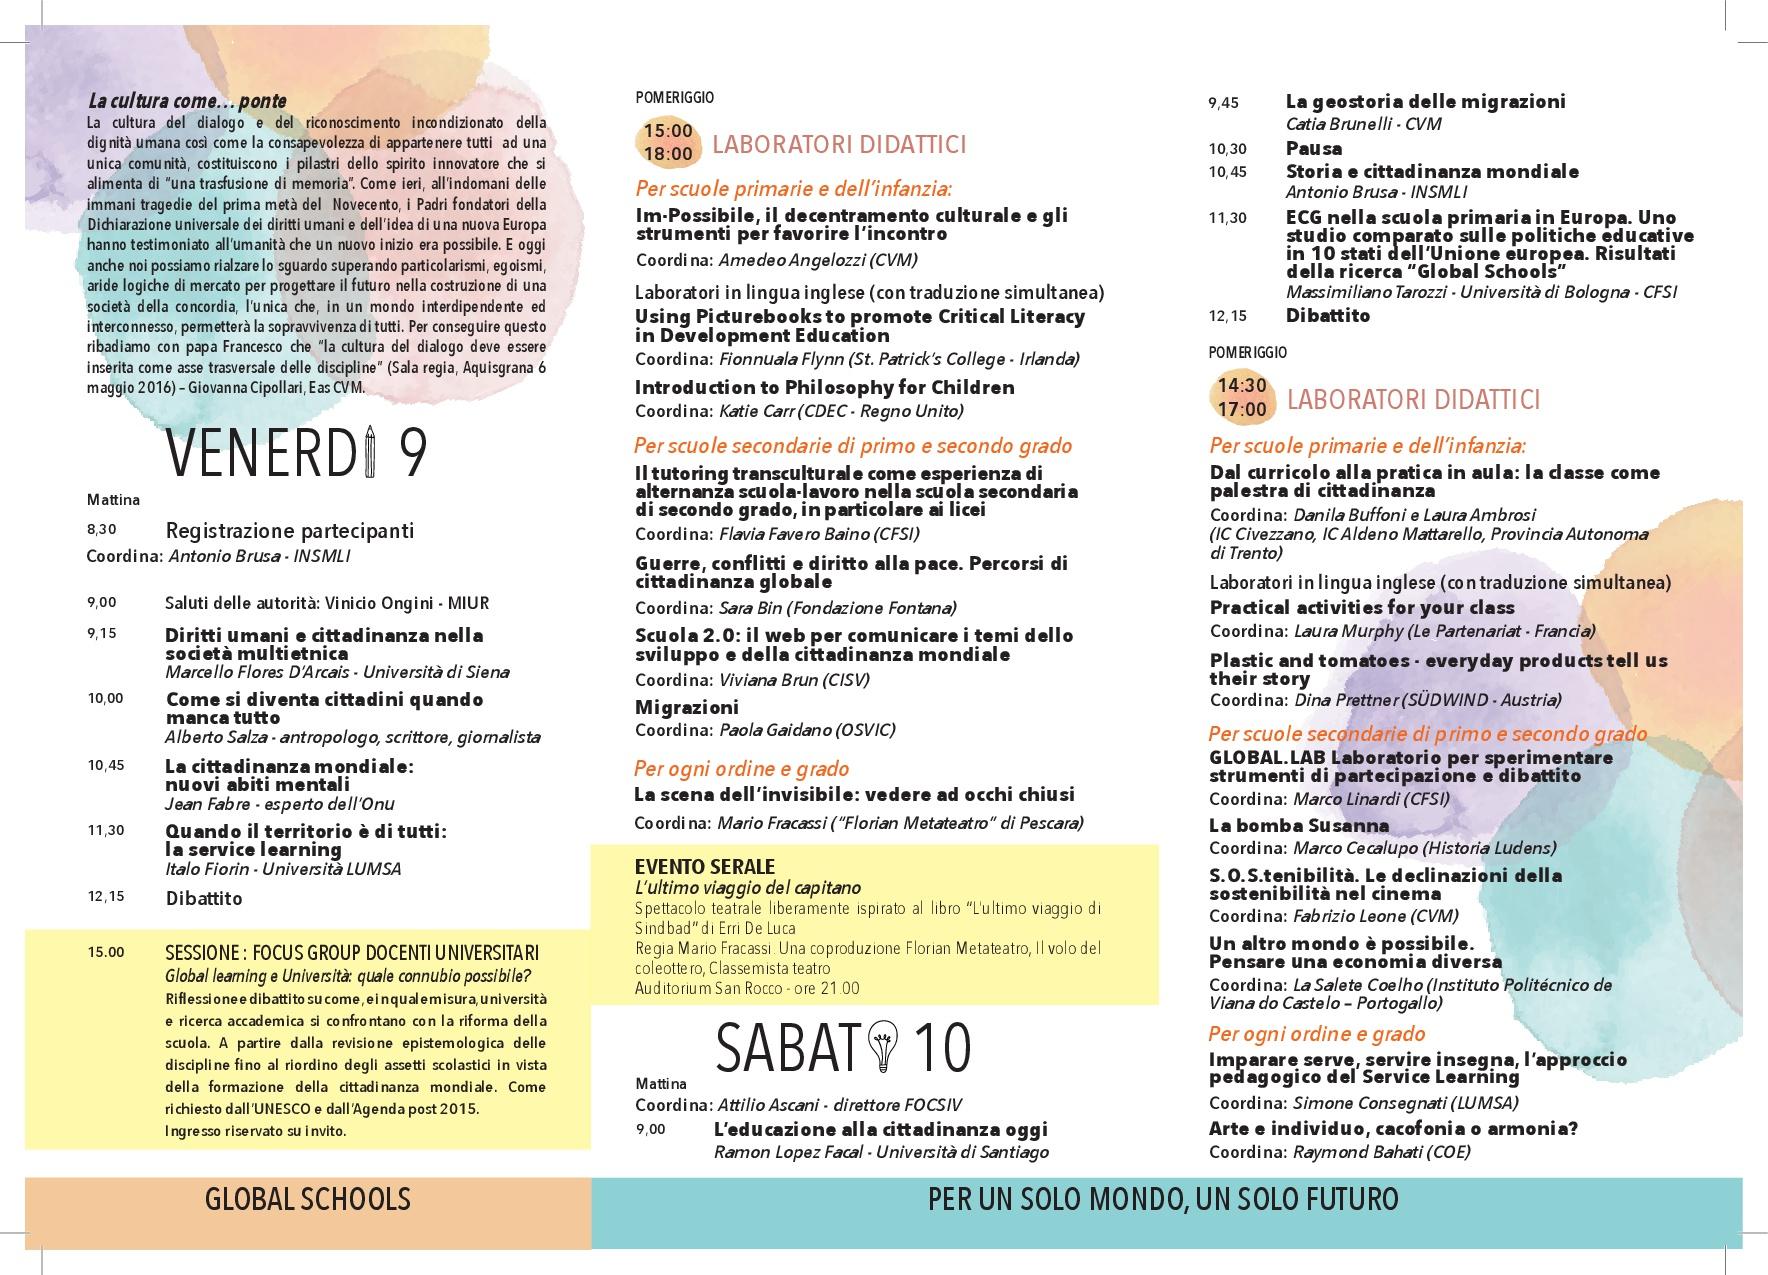 Pieghevole---X-Seminario-internazionale-di-educazione-interculturale-002